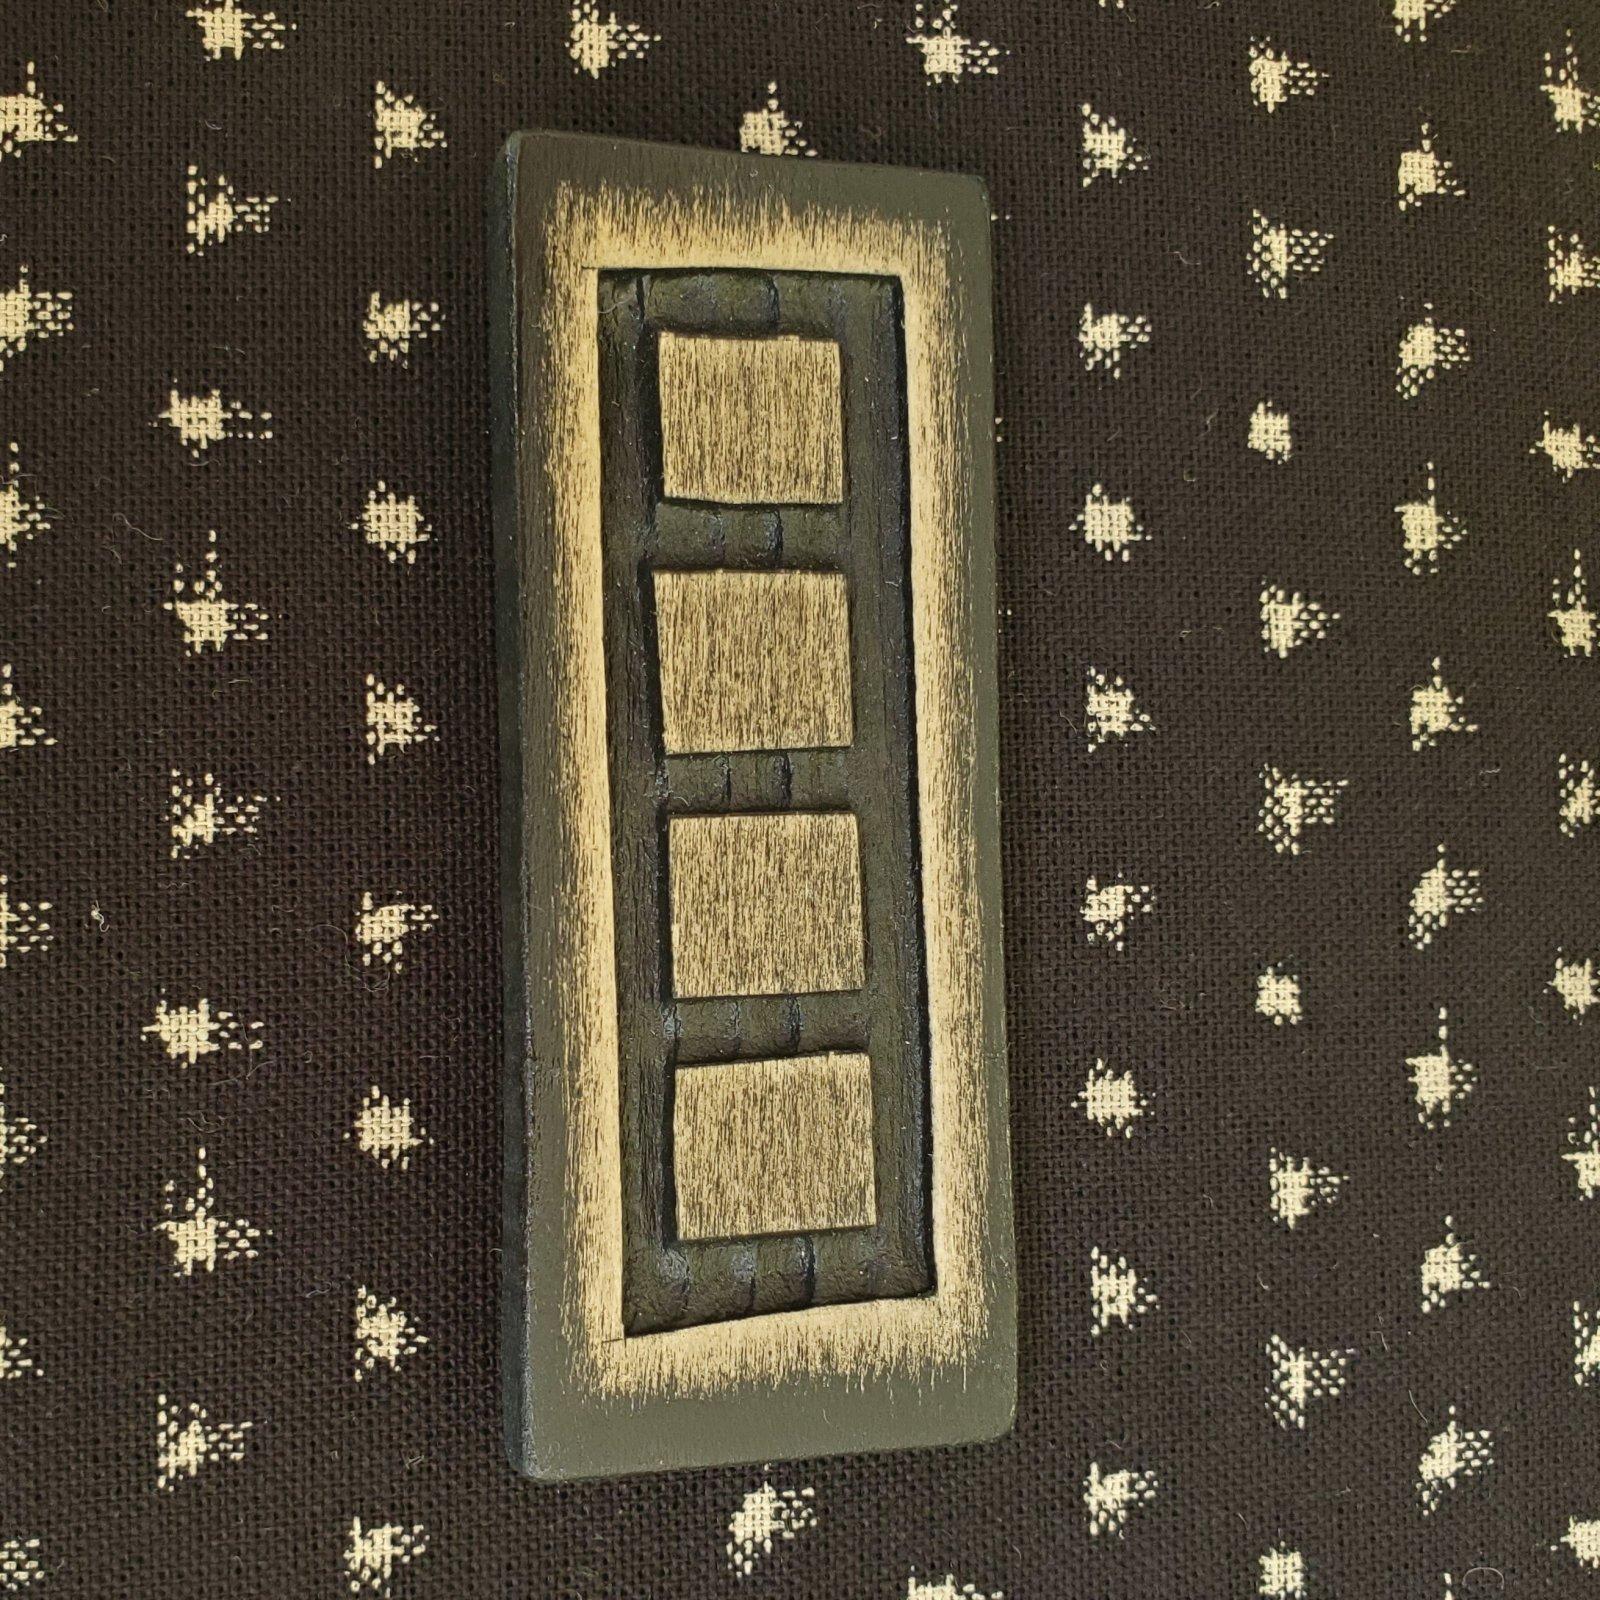 Wooden pin-NN-010059